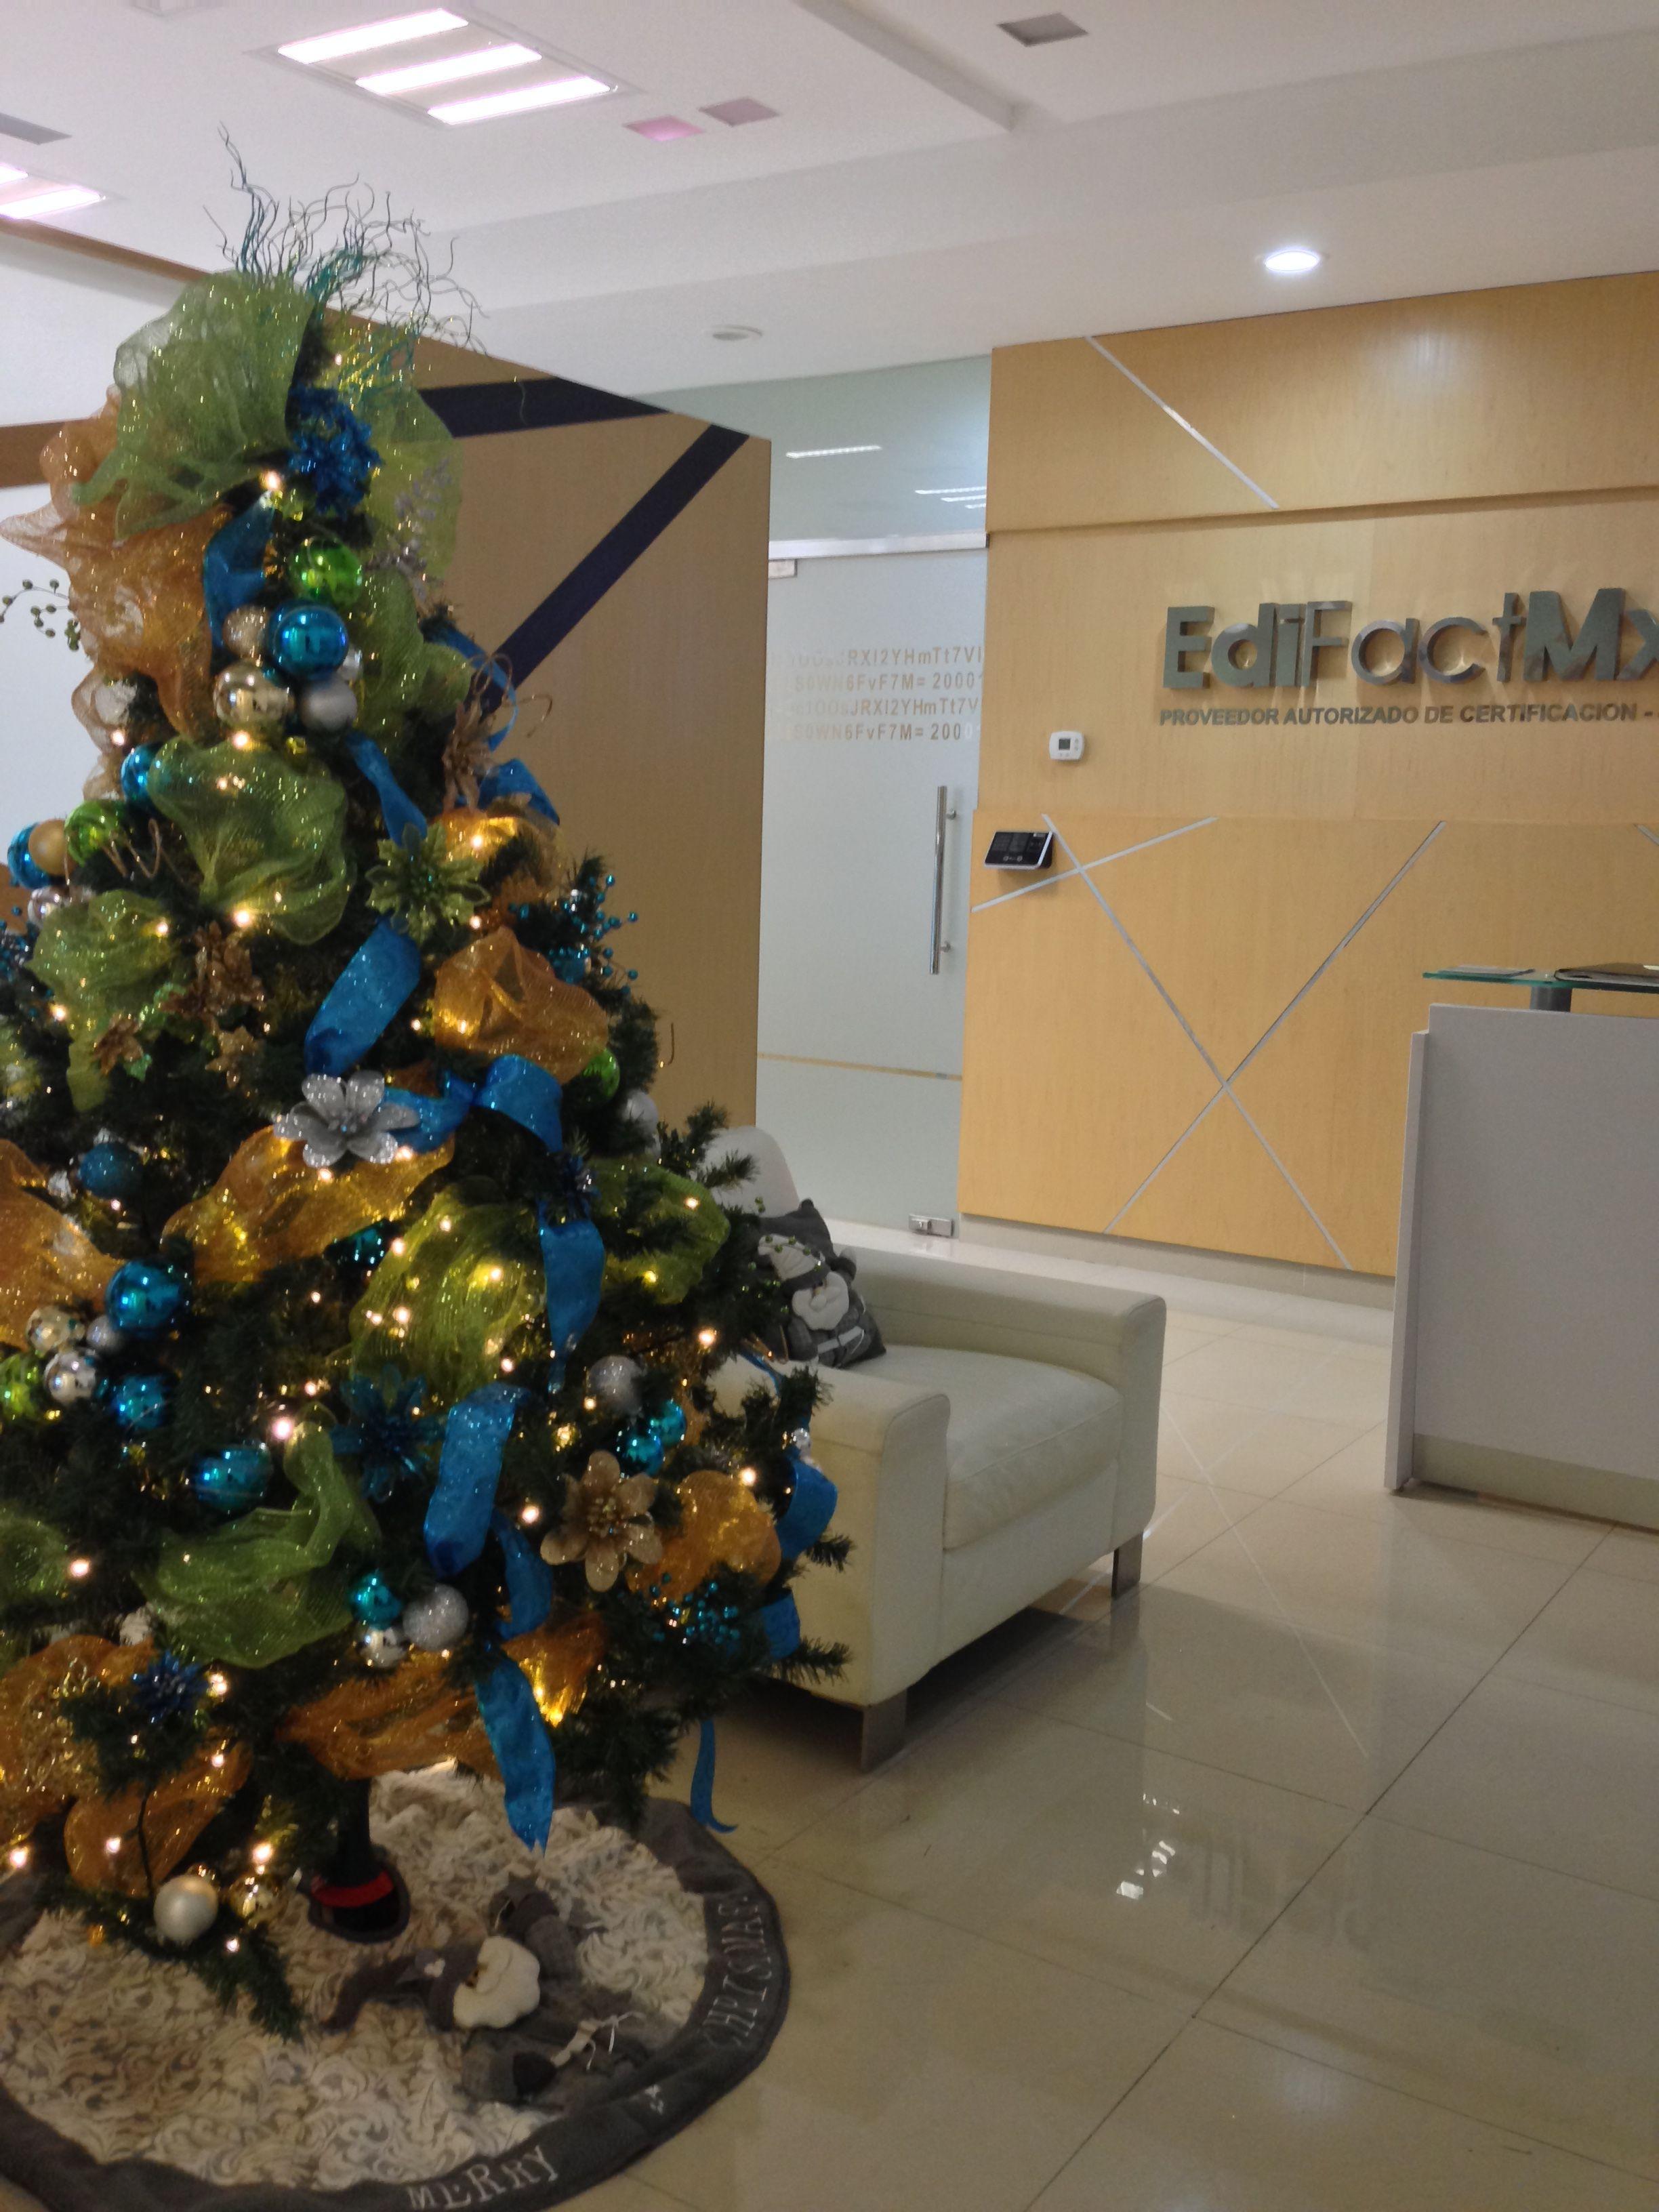 Decoraci n navide a para empresas y oficinas con los for Decoracion navidena oficina